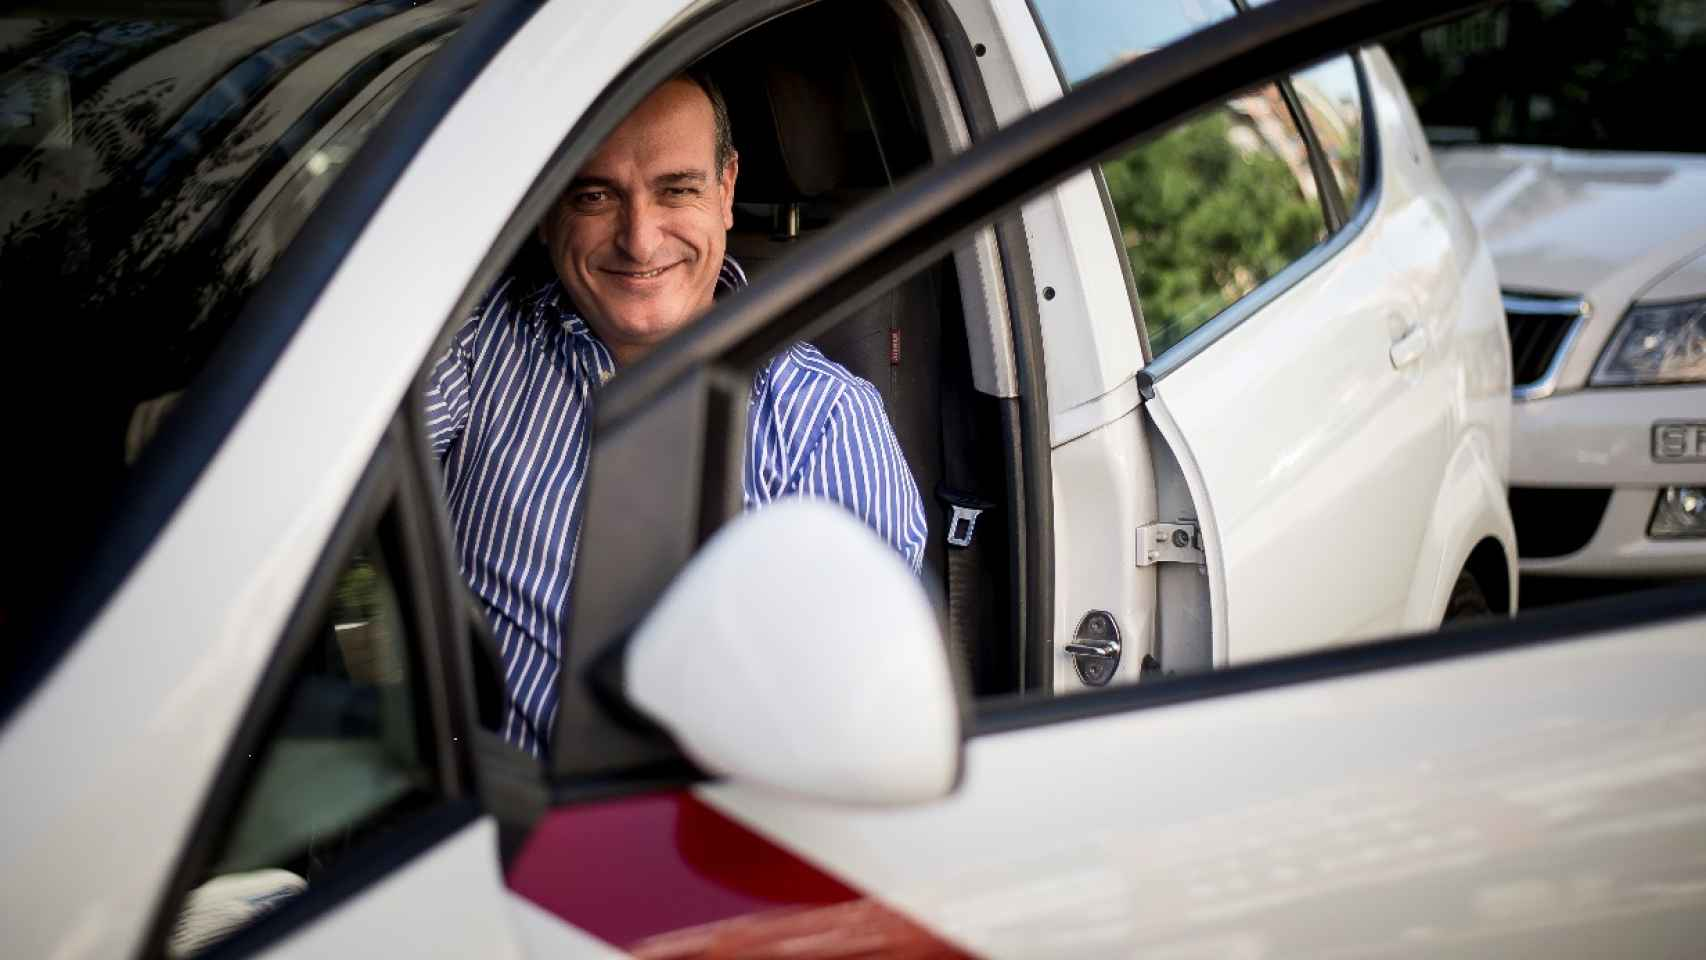 El presidente en uno de los taxis.